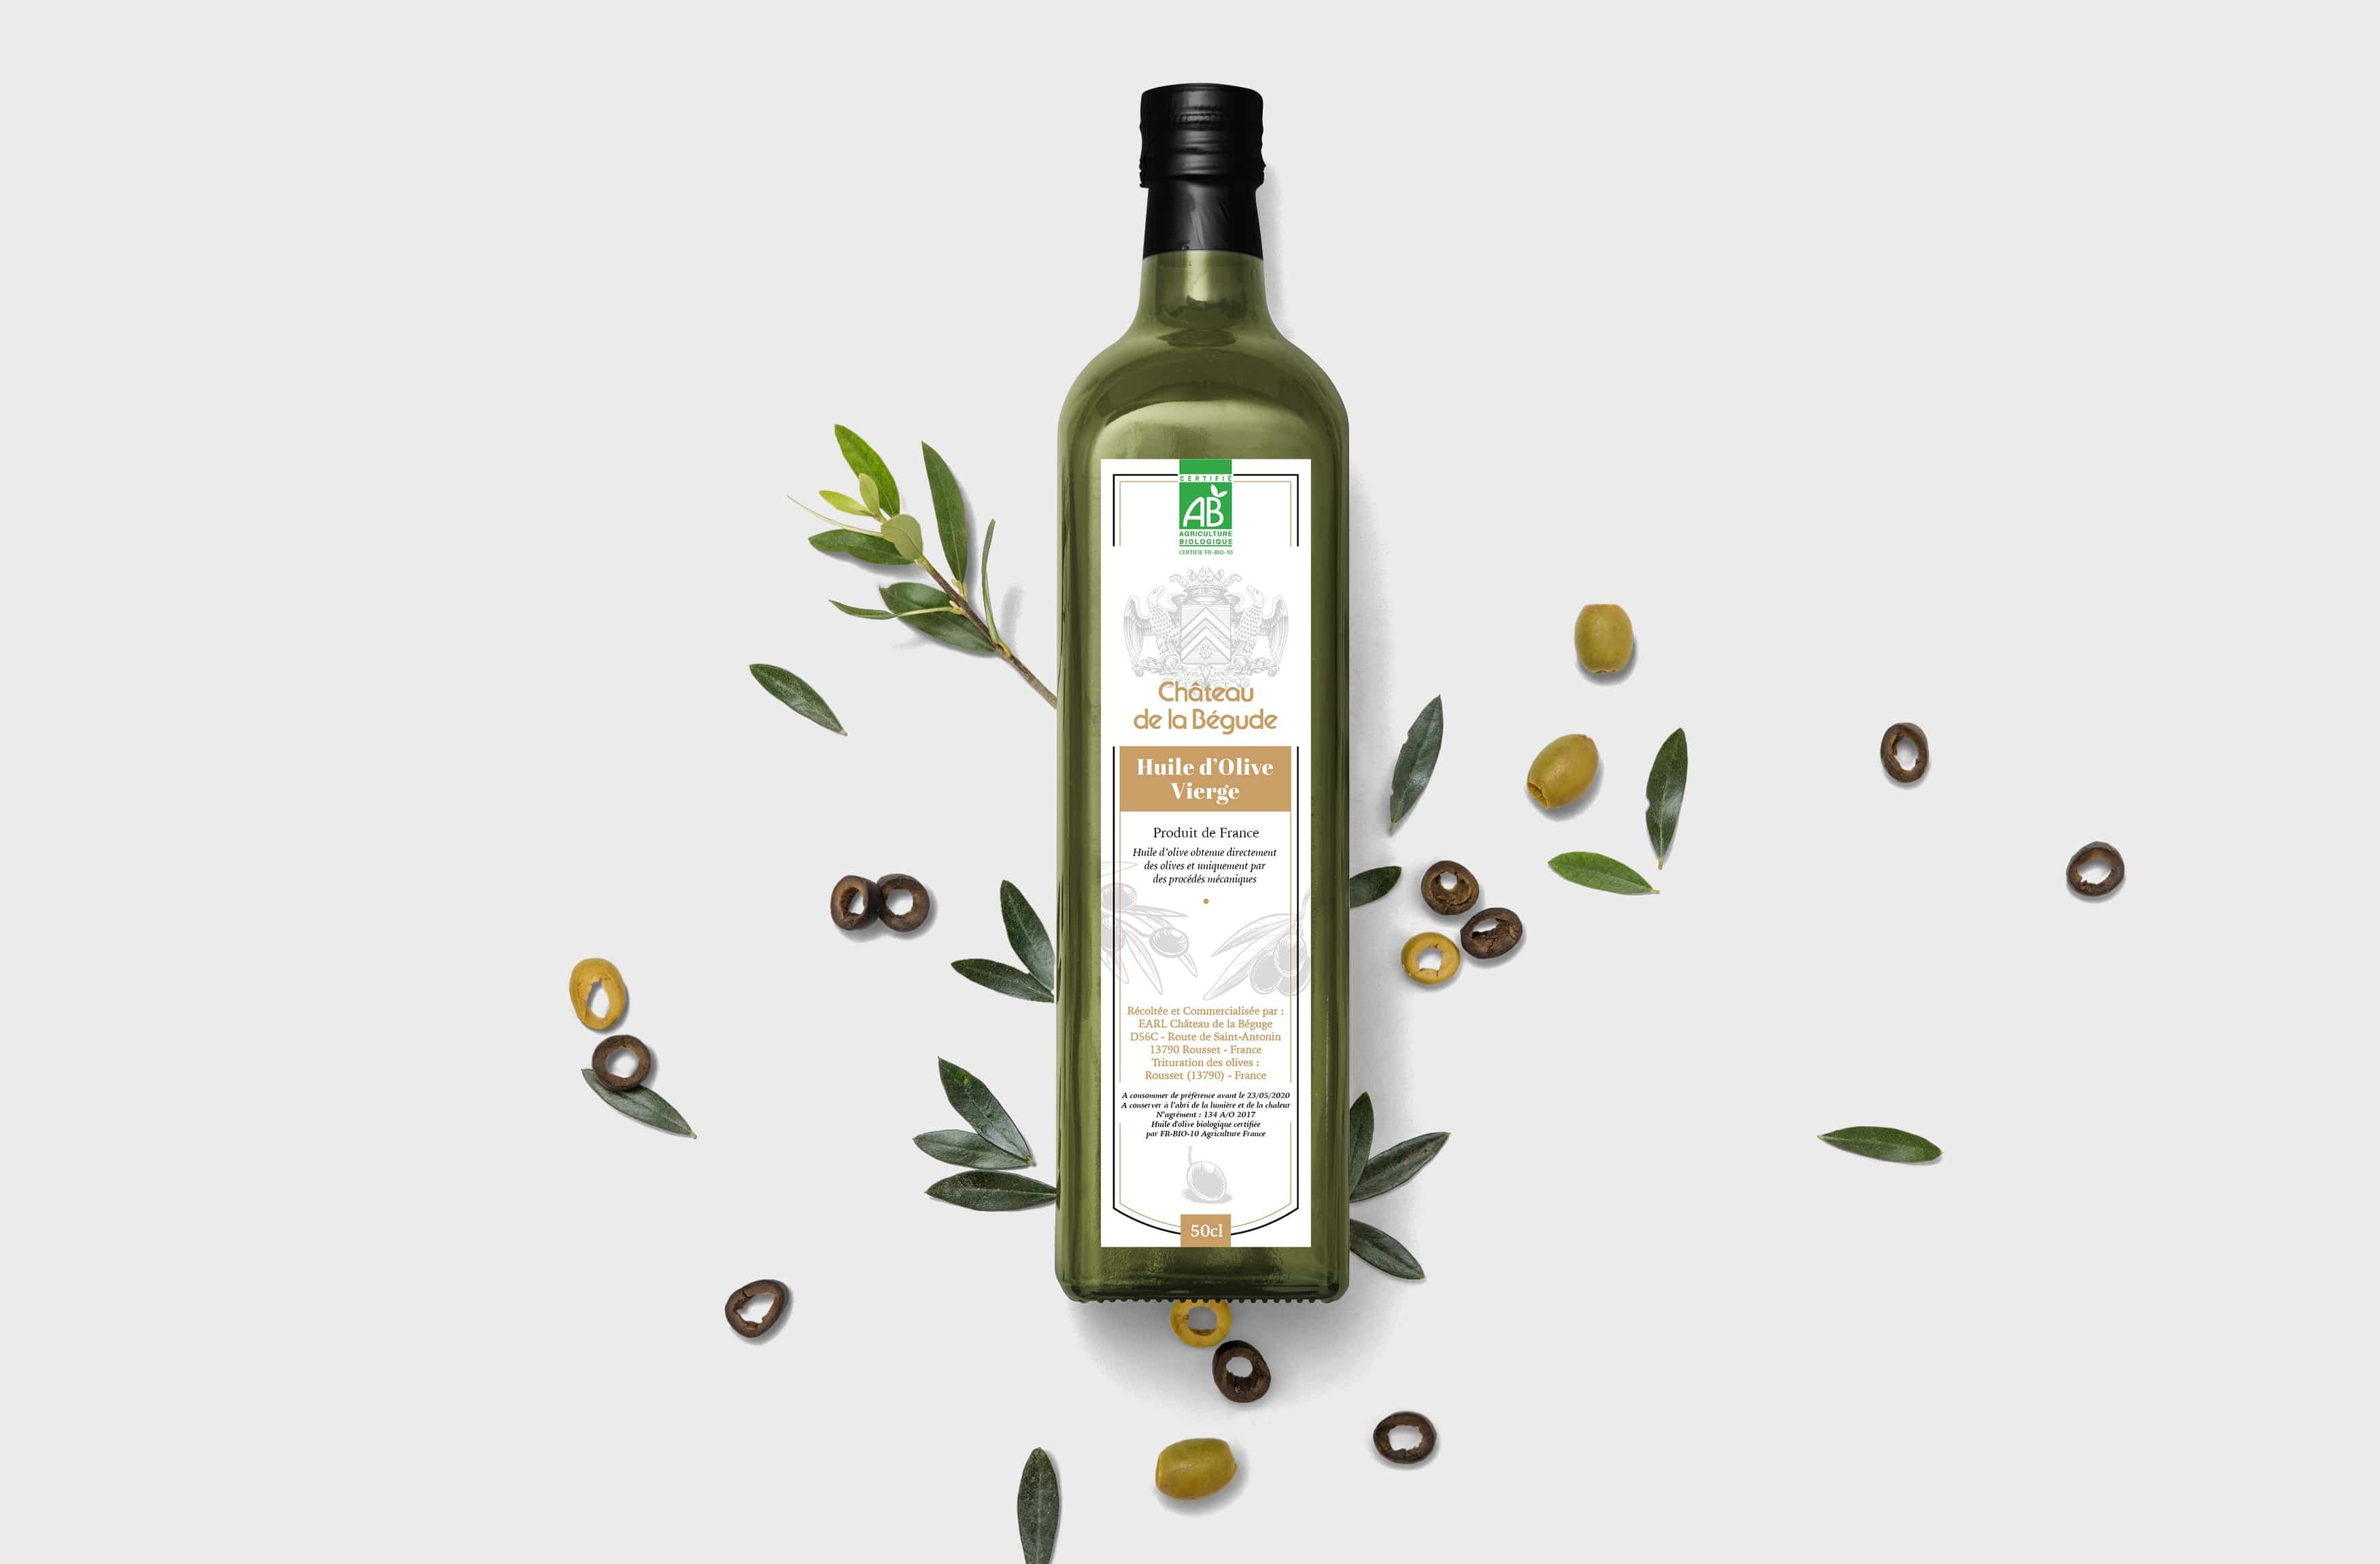 huile d'olive chateau de la begude